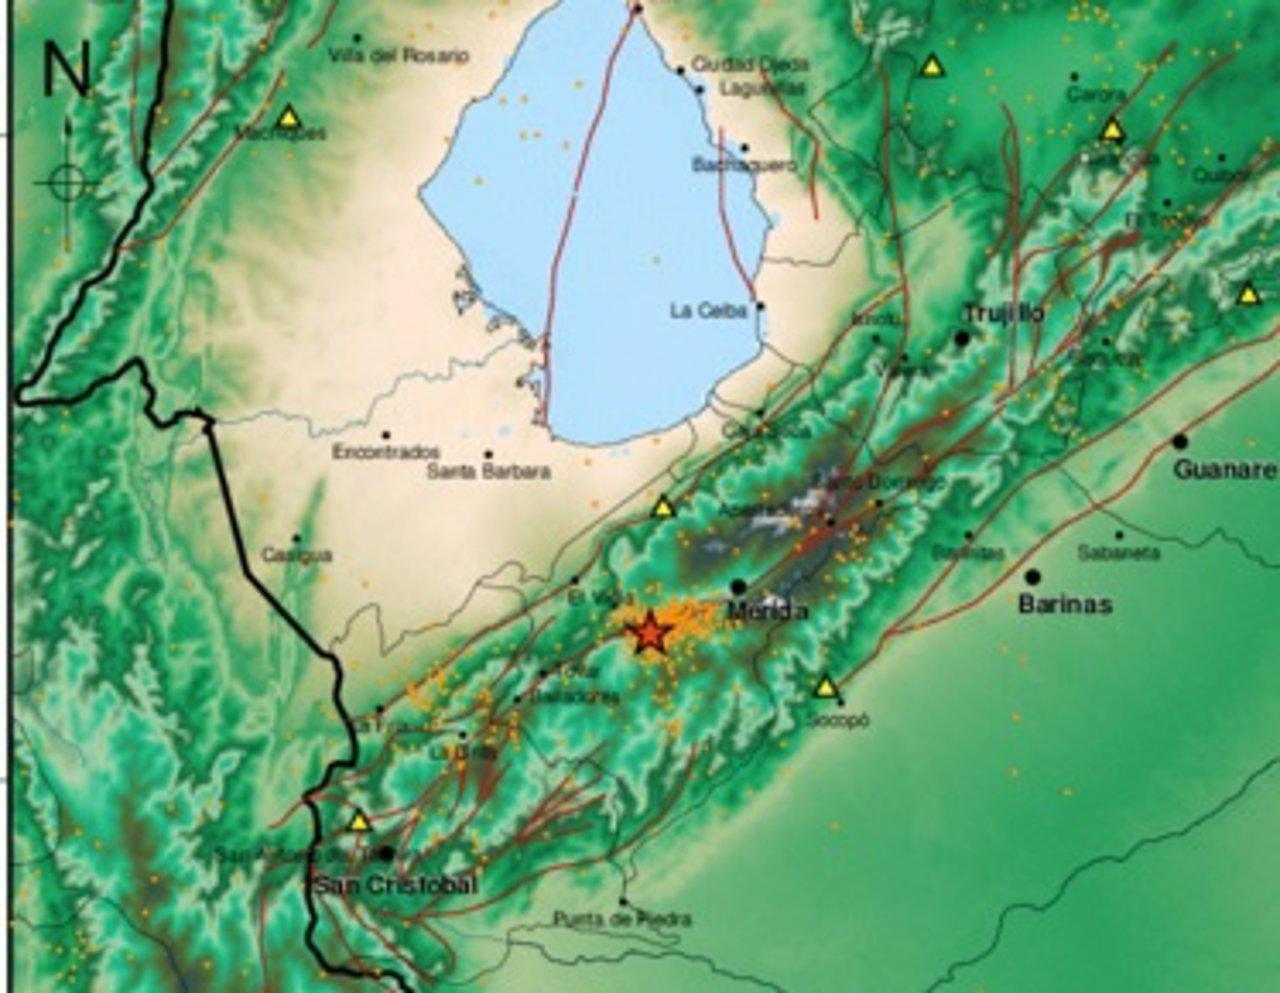 Un sismo provoca la muerte en accidente de una persona en Venezuela